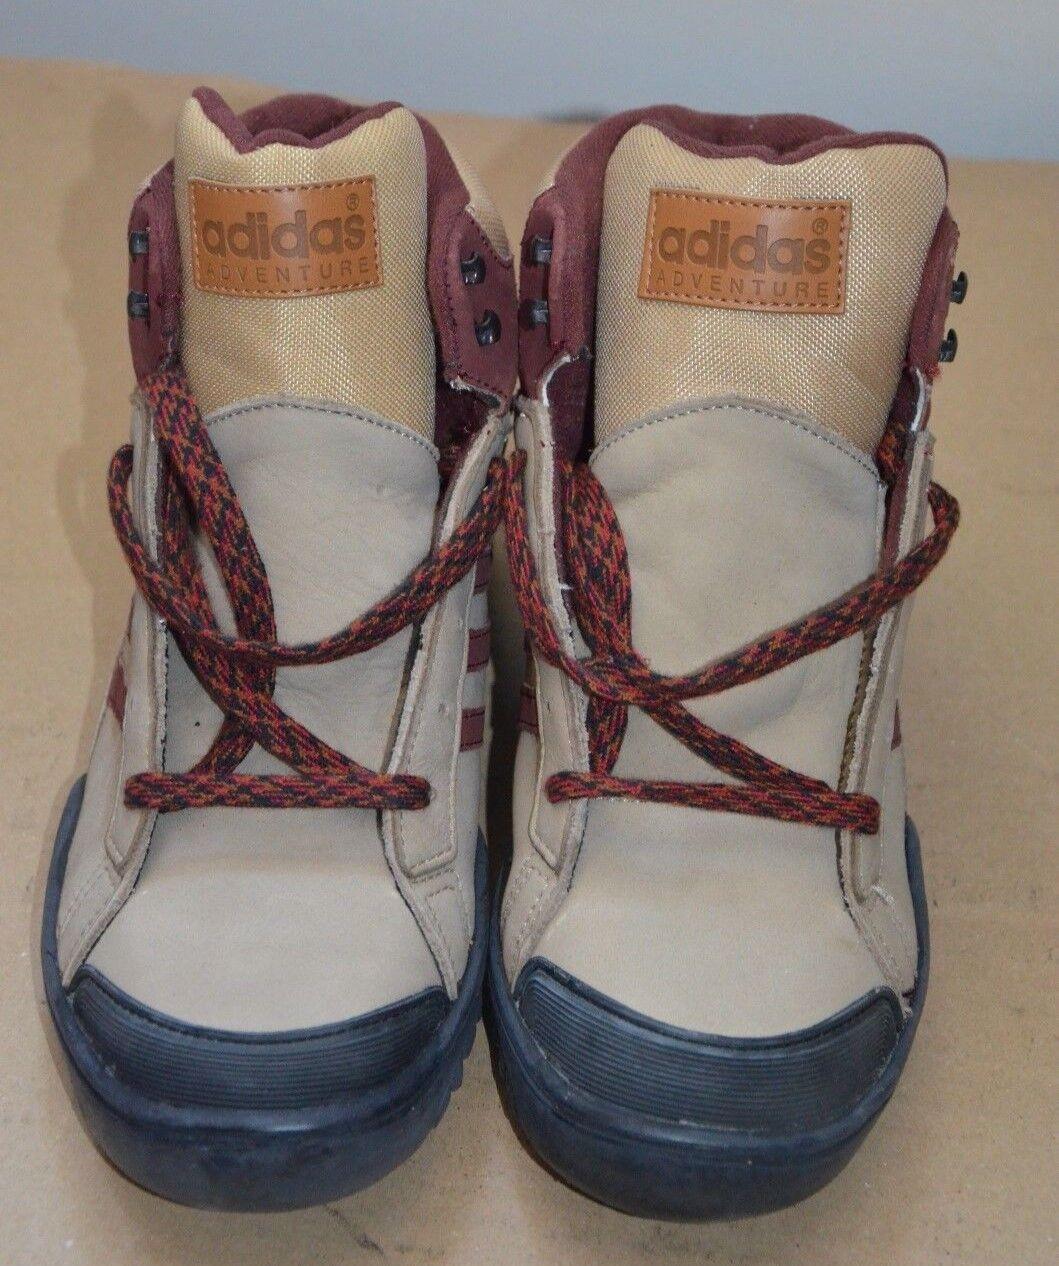 ADIDAS Adventure Gr. Schuhe Stiefel Echtleder Gr. Adventure 40 (6,5) NEU de8b9d